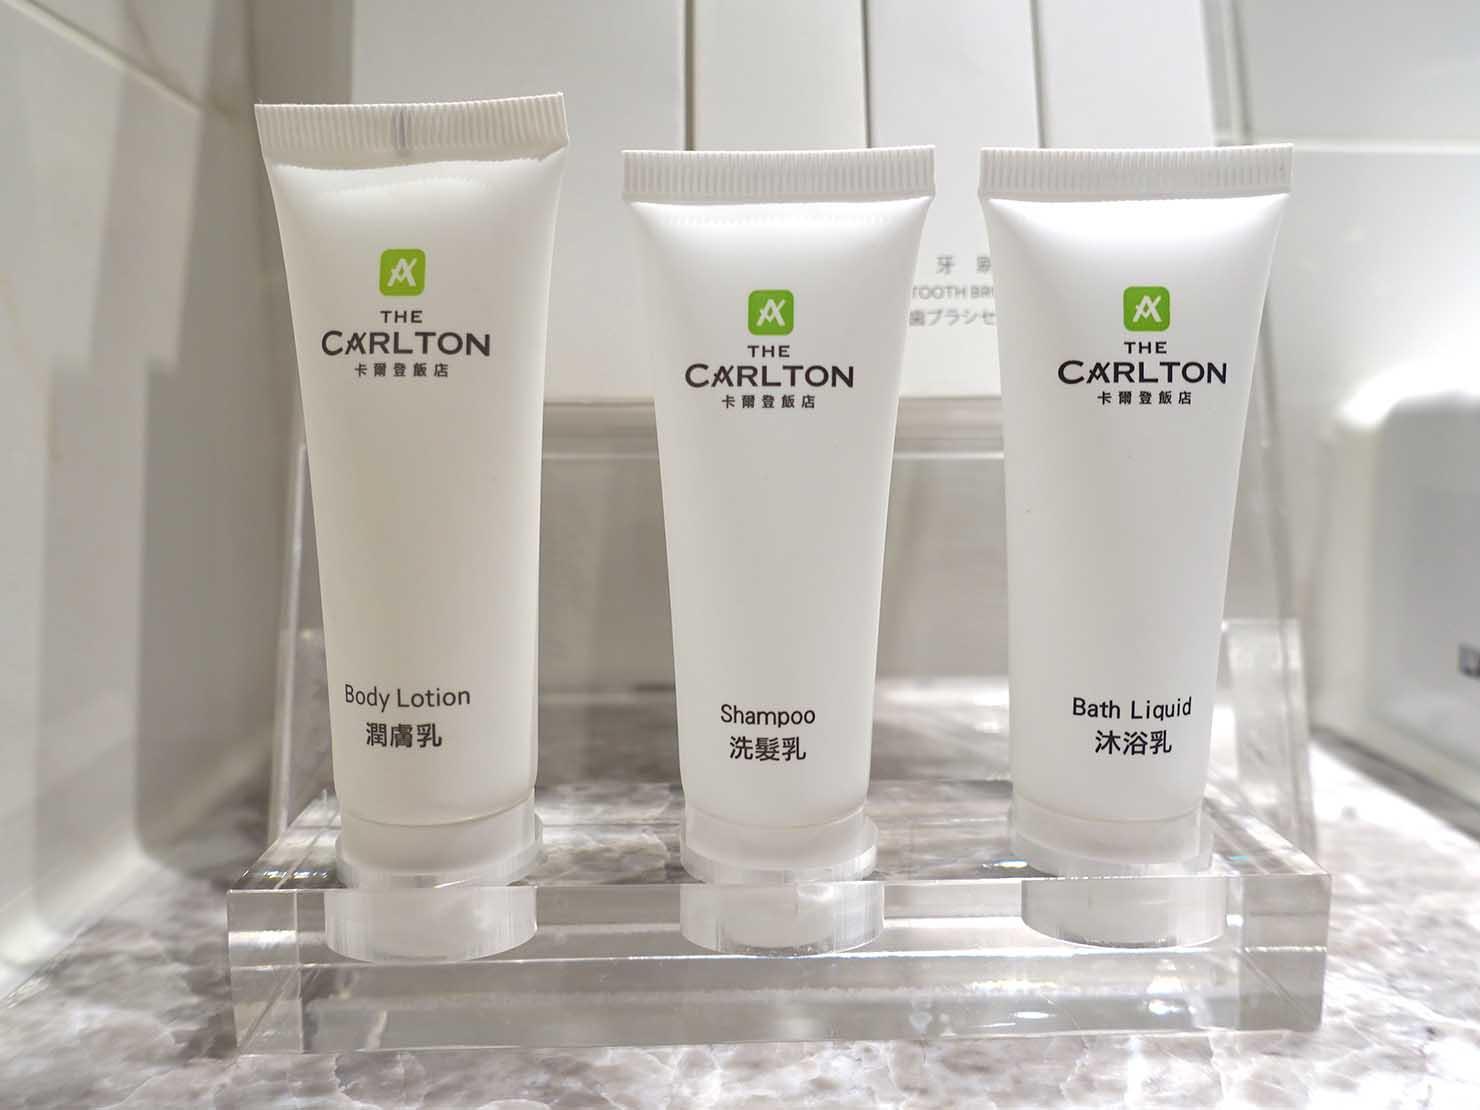 台中のおすすめホテル「卡爾登飯店 The Carlton」デラックスダブルルームのアメニティ